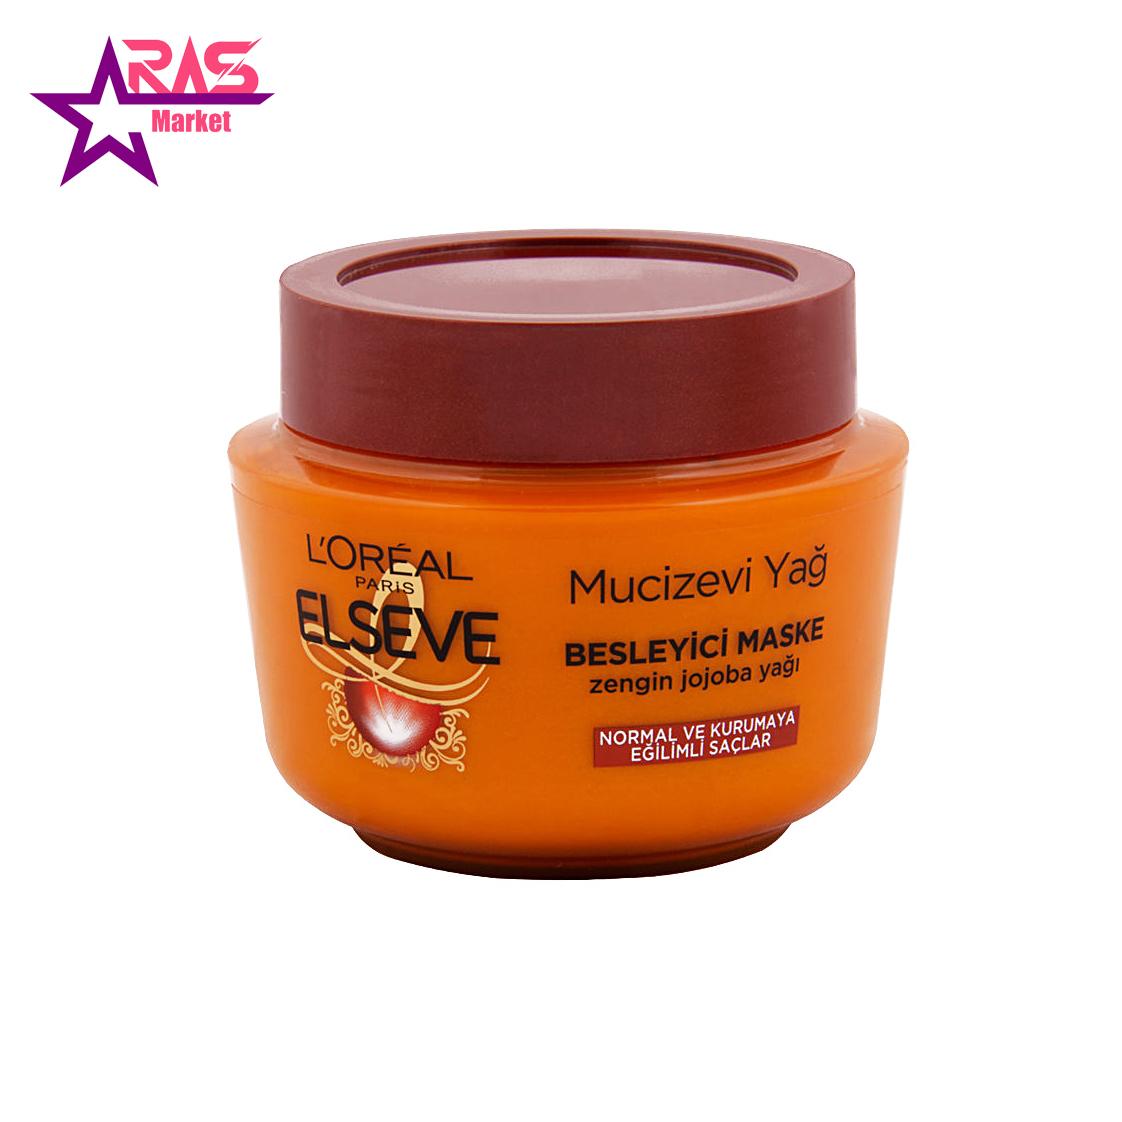 ماسک مو لورآل سری ELSEVE مدل Mucizevi Yağ مخصوص موهای خشک و معمولی 300 میلی لیتر ، فروشگاه اینترنتی ارس مارکت ، loreal